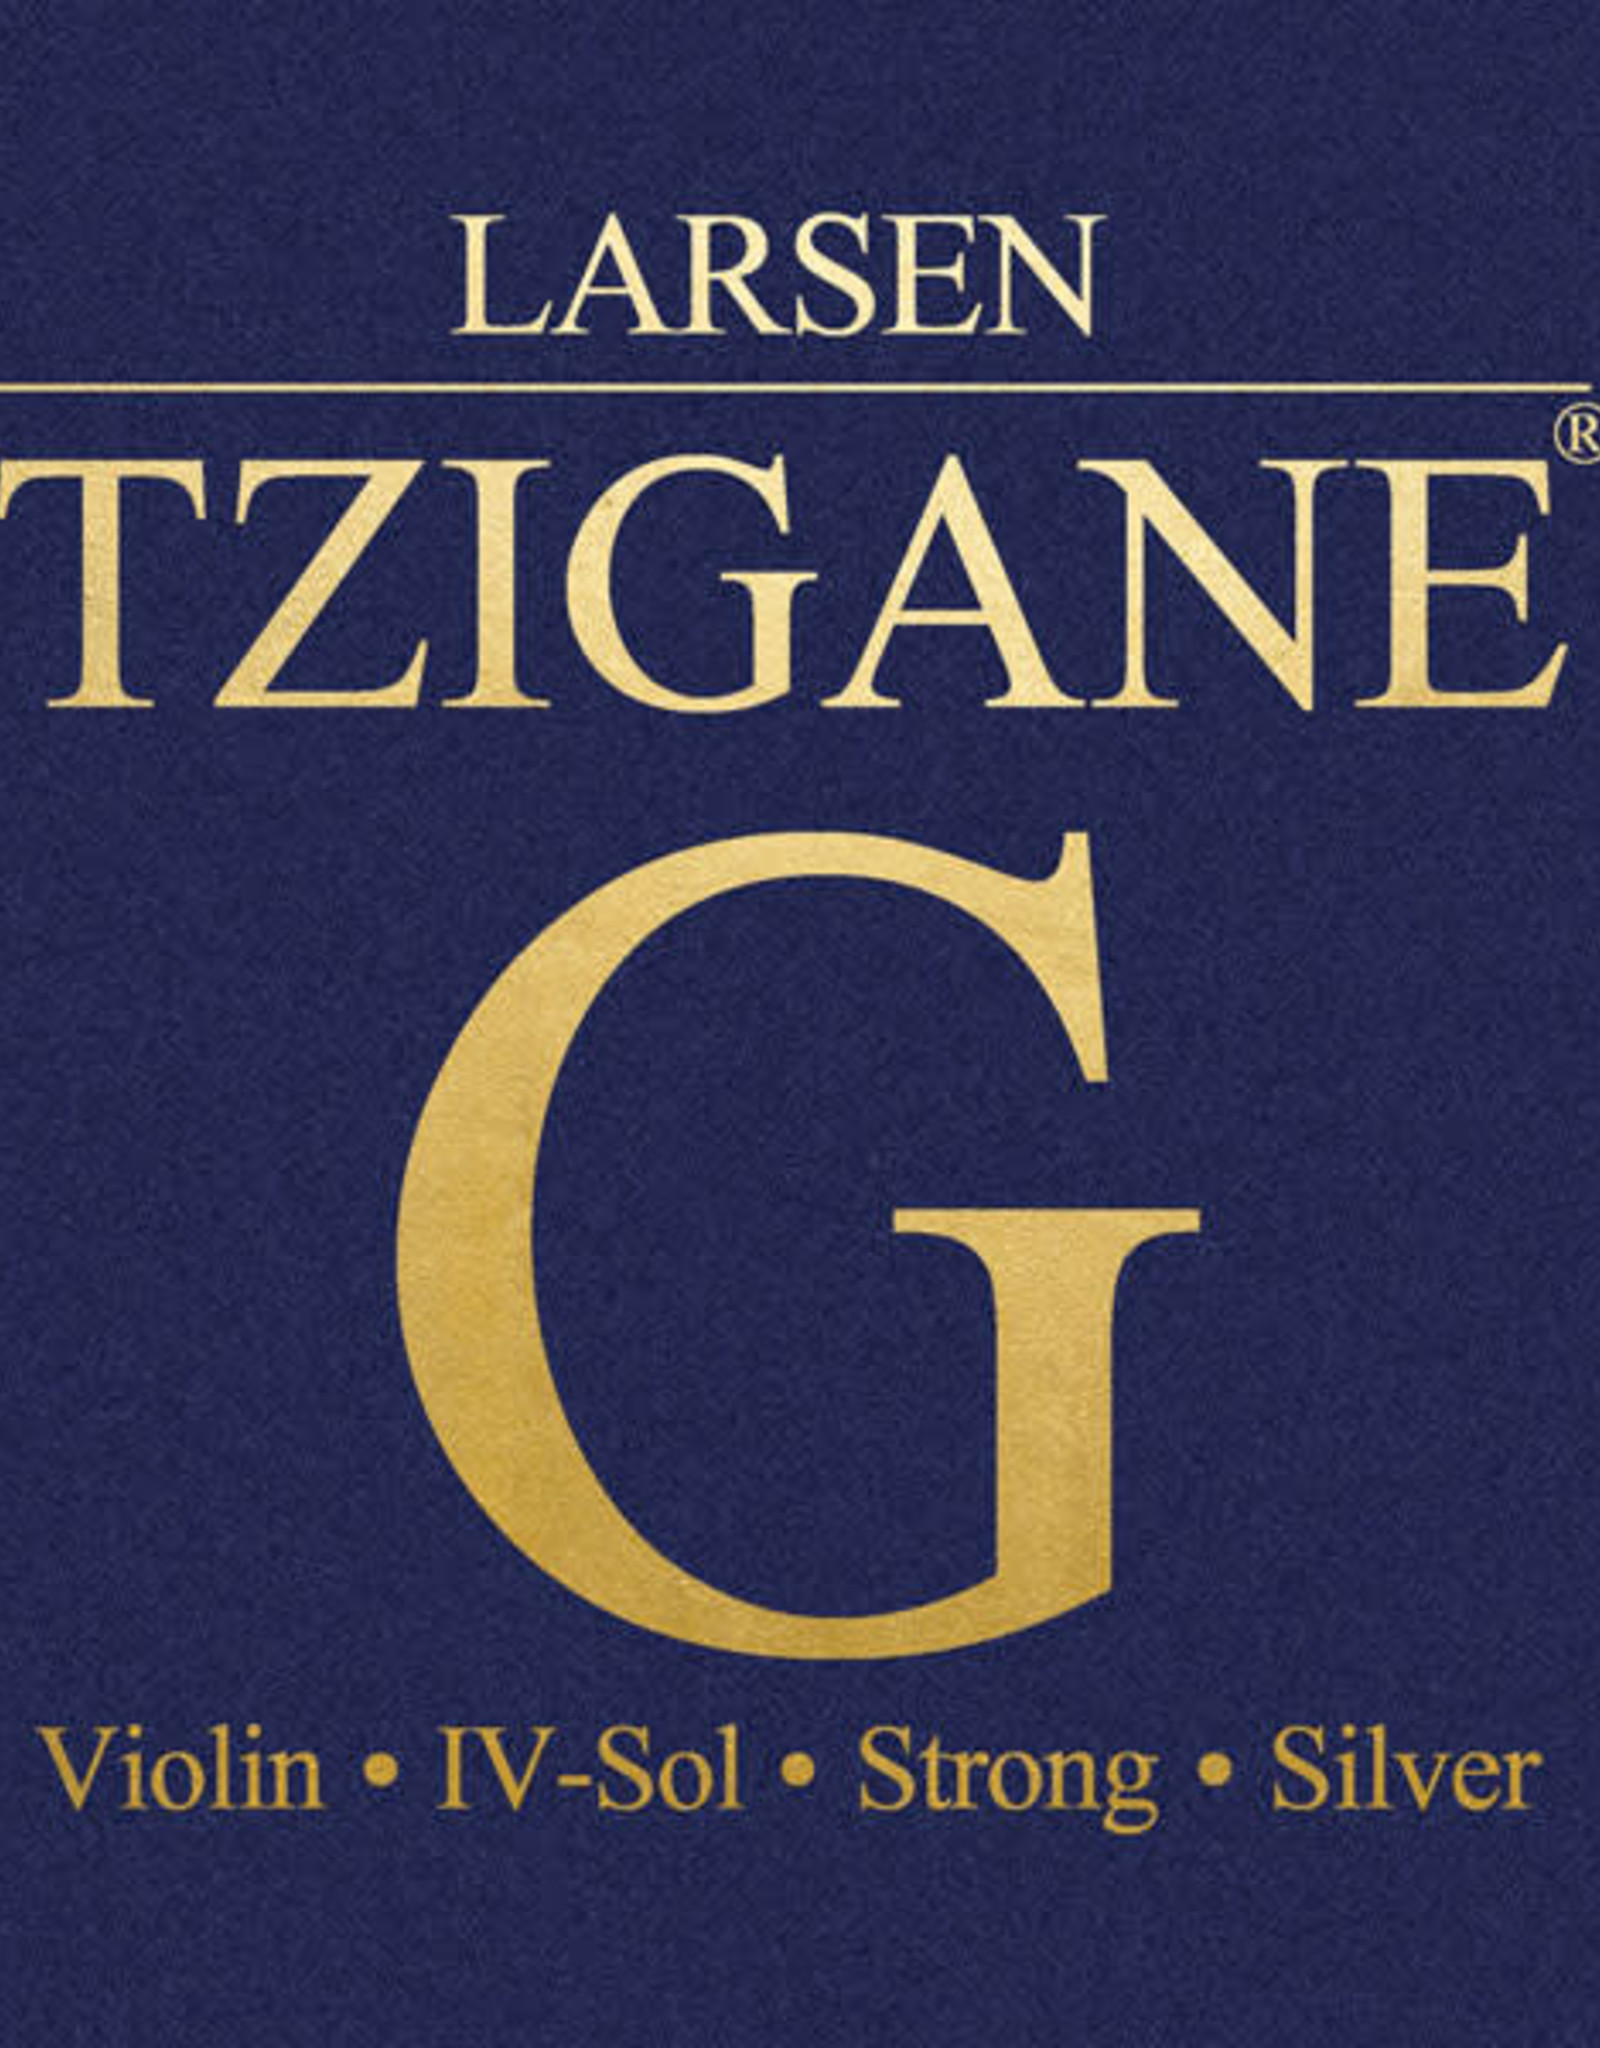 LARSEN Tzigane vioolsnaar sol (g-4)